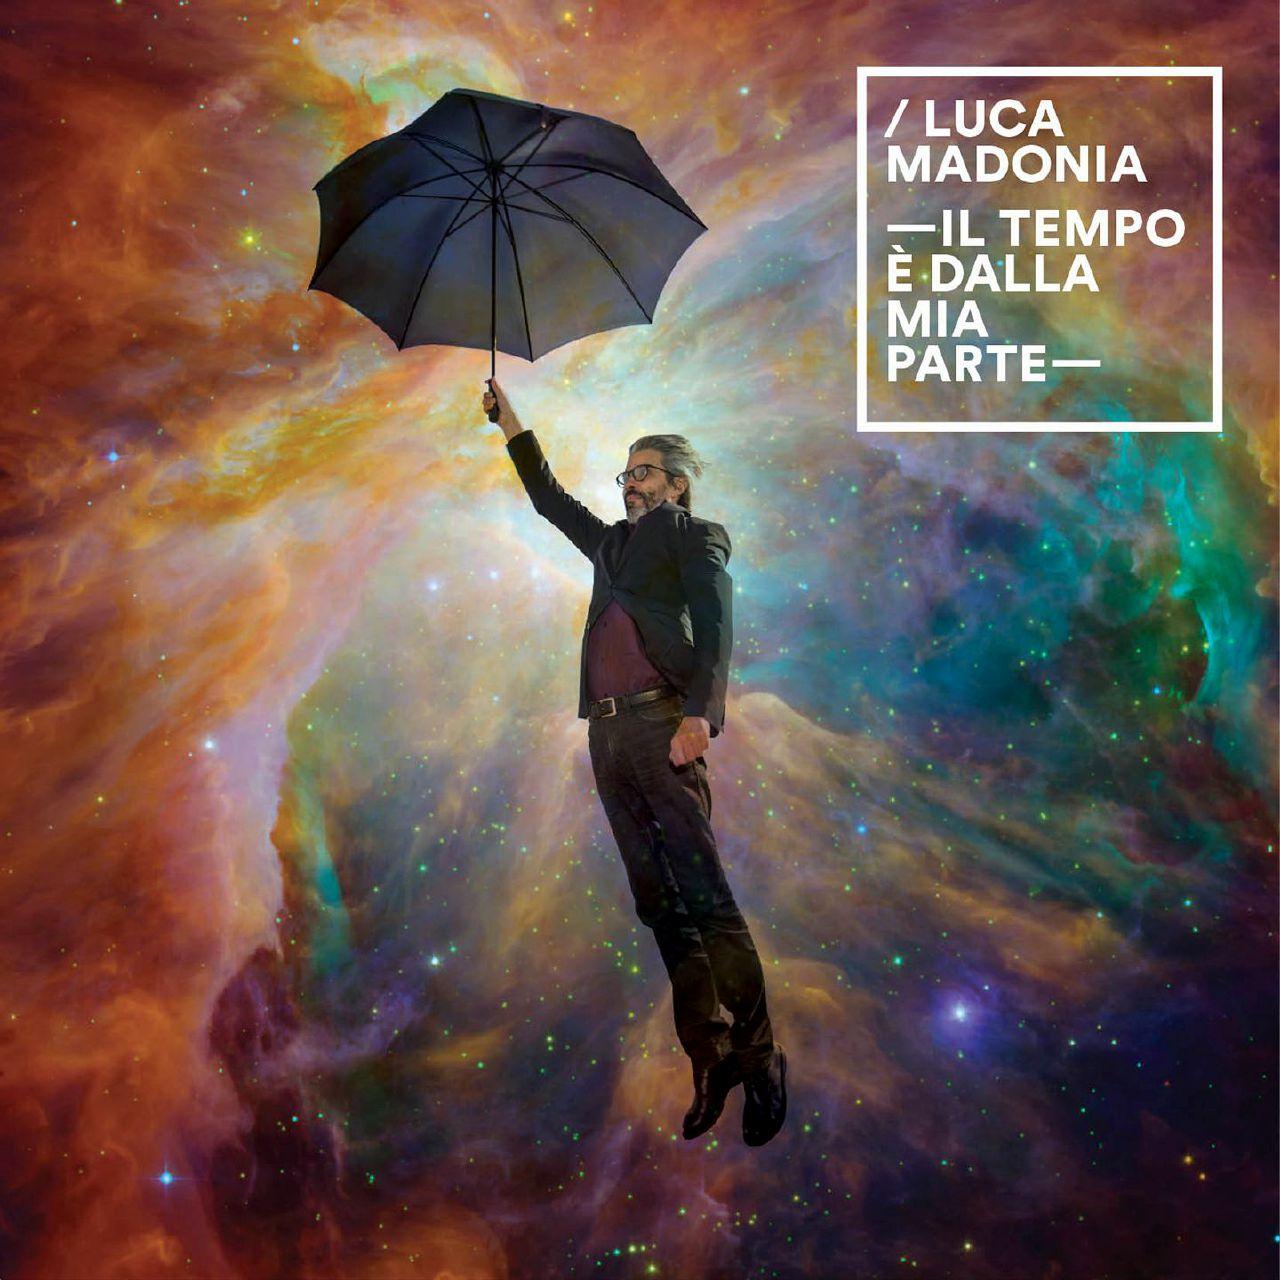 Luca Madonia non ha fretta, il tempo è dalla sua parte